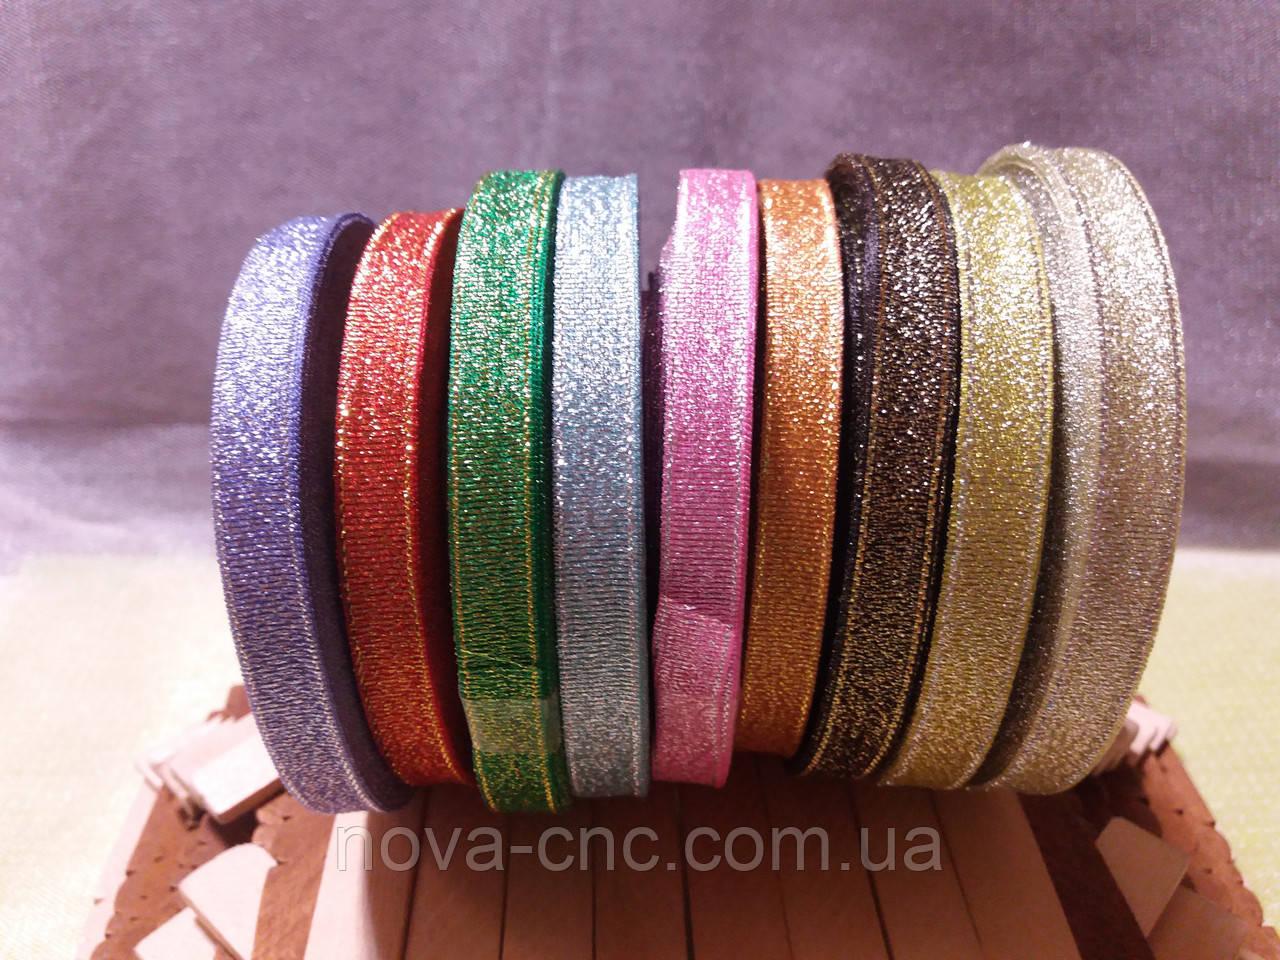 Ленты парча 10мм 23м Цвет сиреневый, красный, зеленый, голубой, розовый, оранжевый, черный, золото, серебр